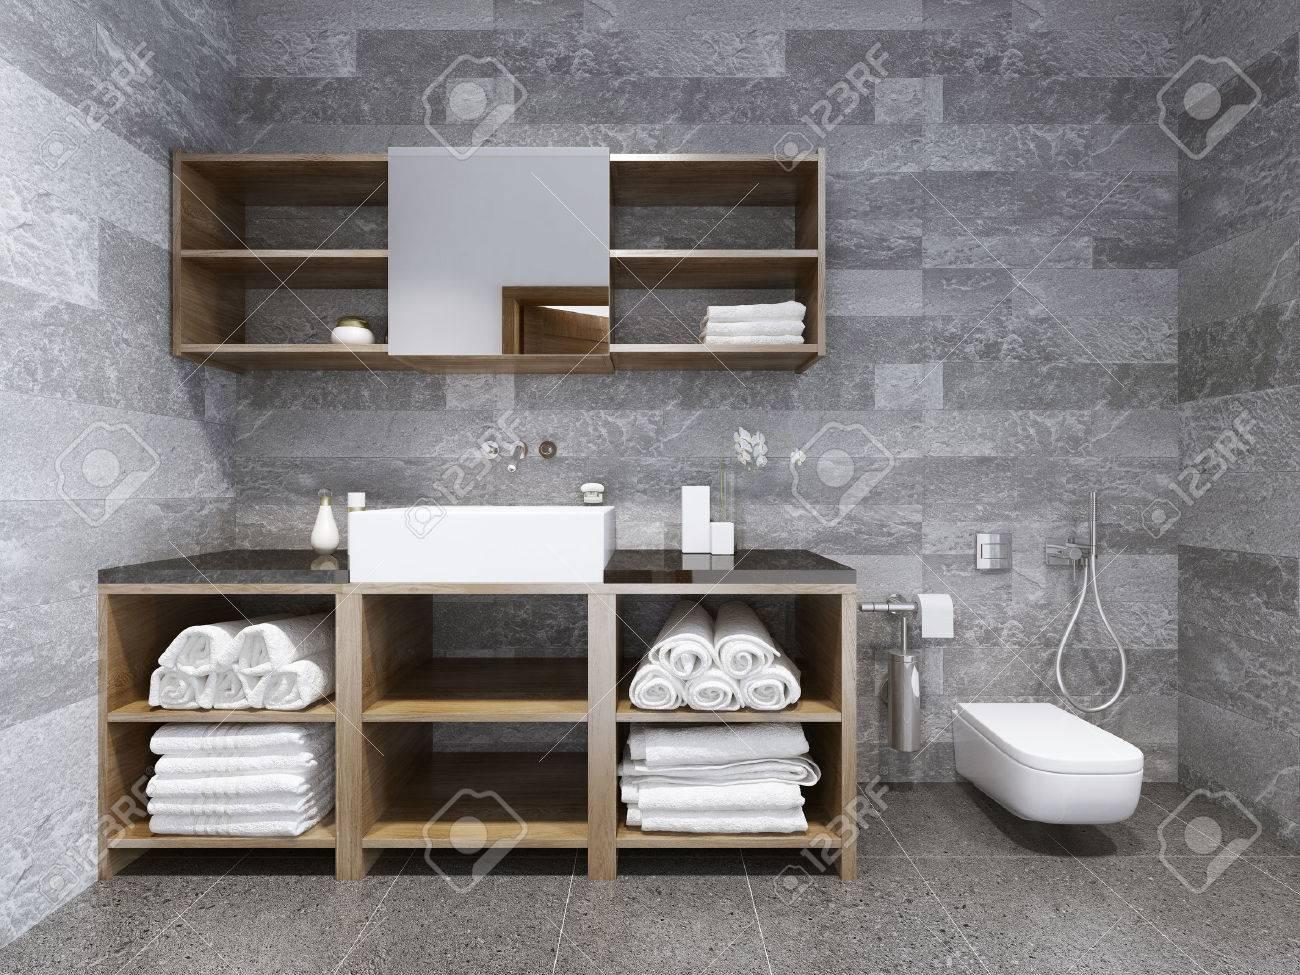 Bad Zeitgenössischen Stil. Modische Badezimmer: Aktuelle Trends. 3D ...